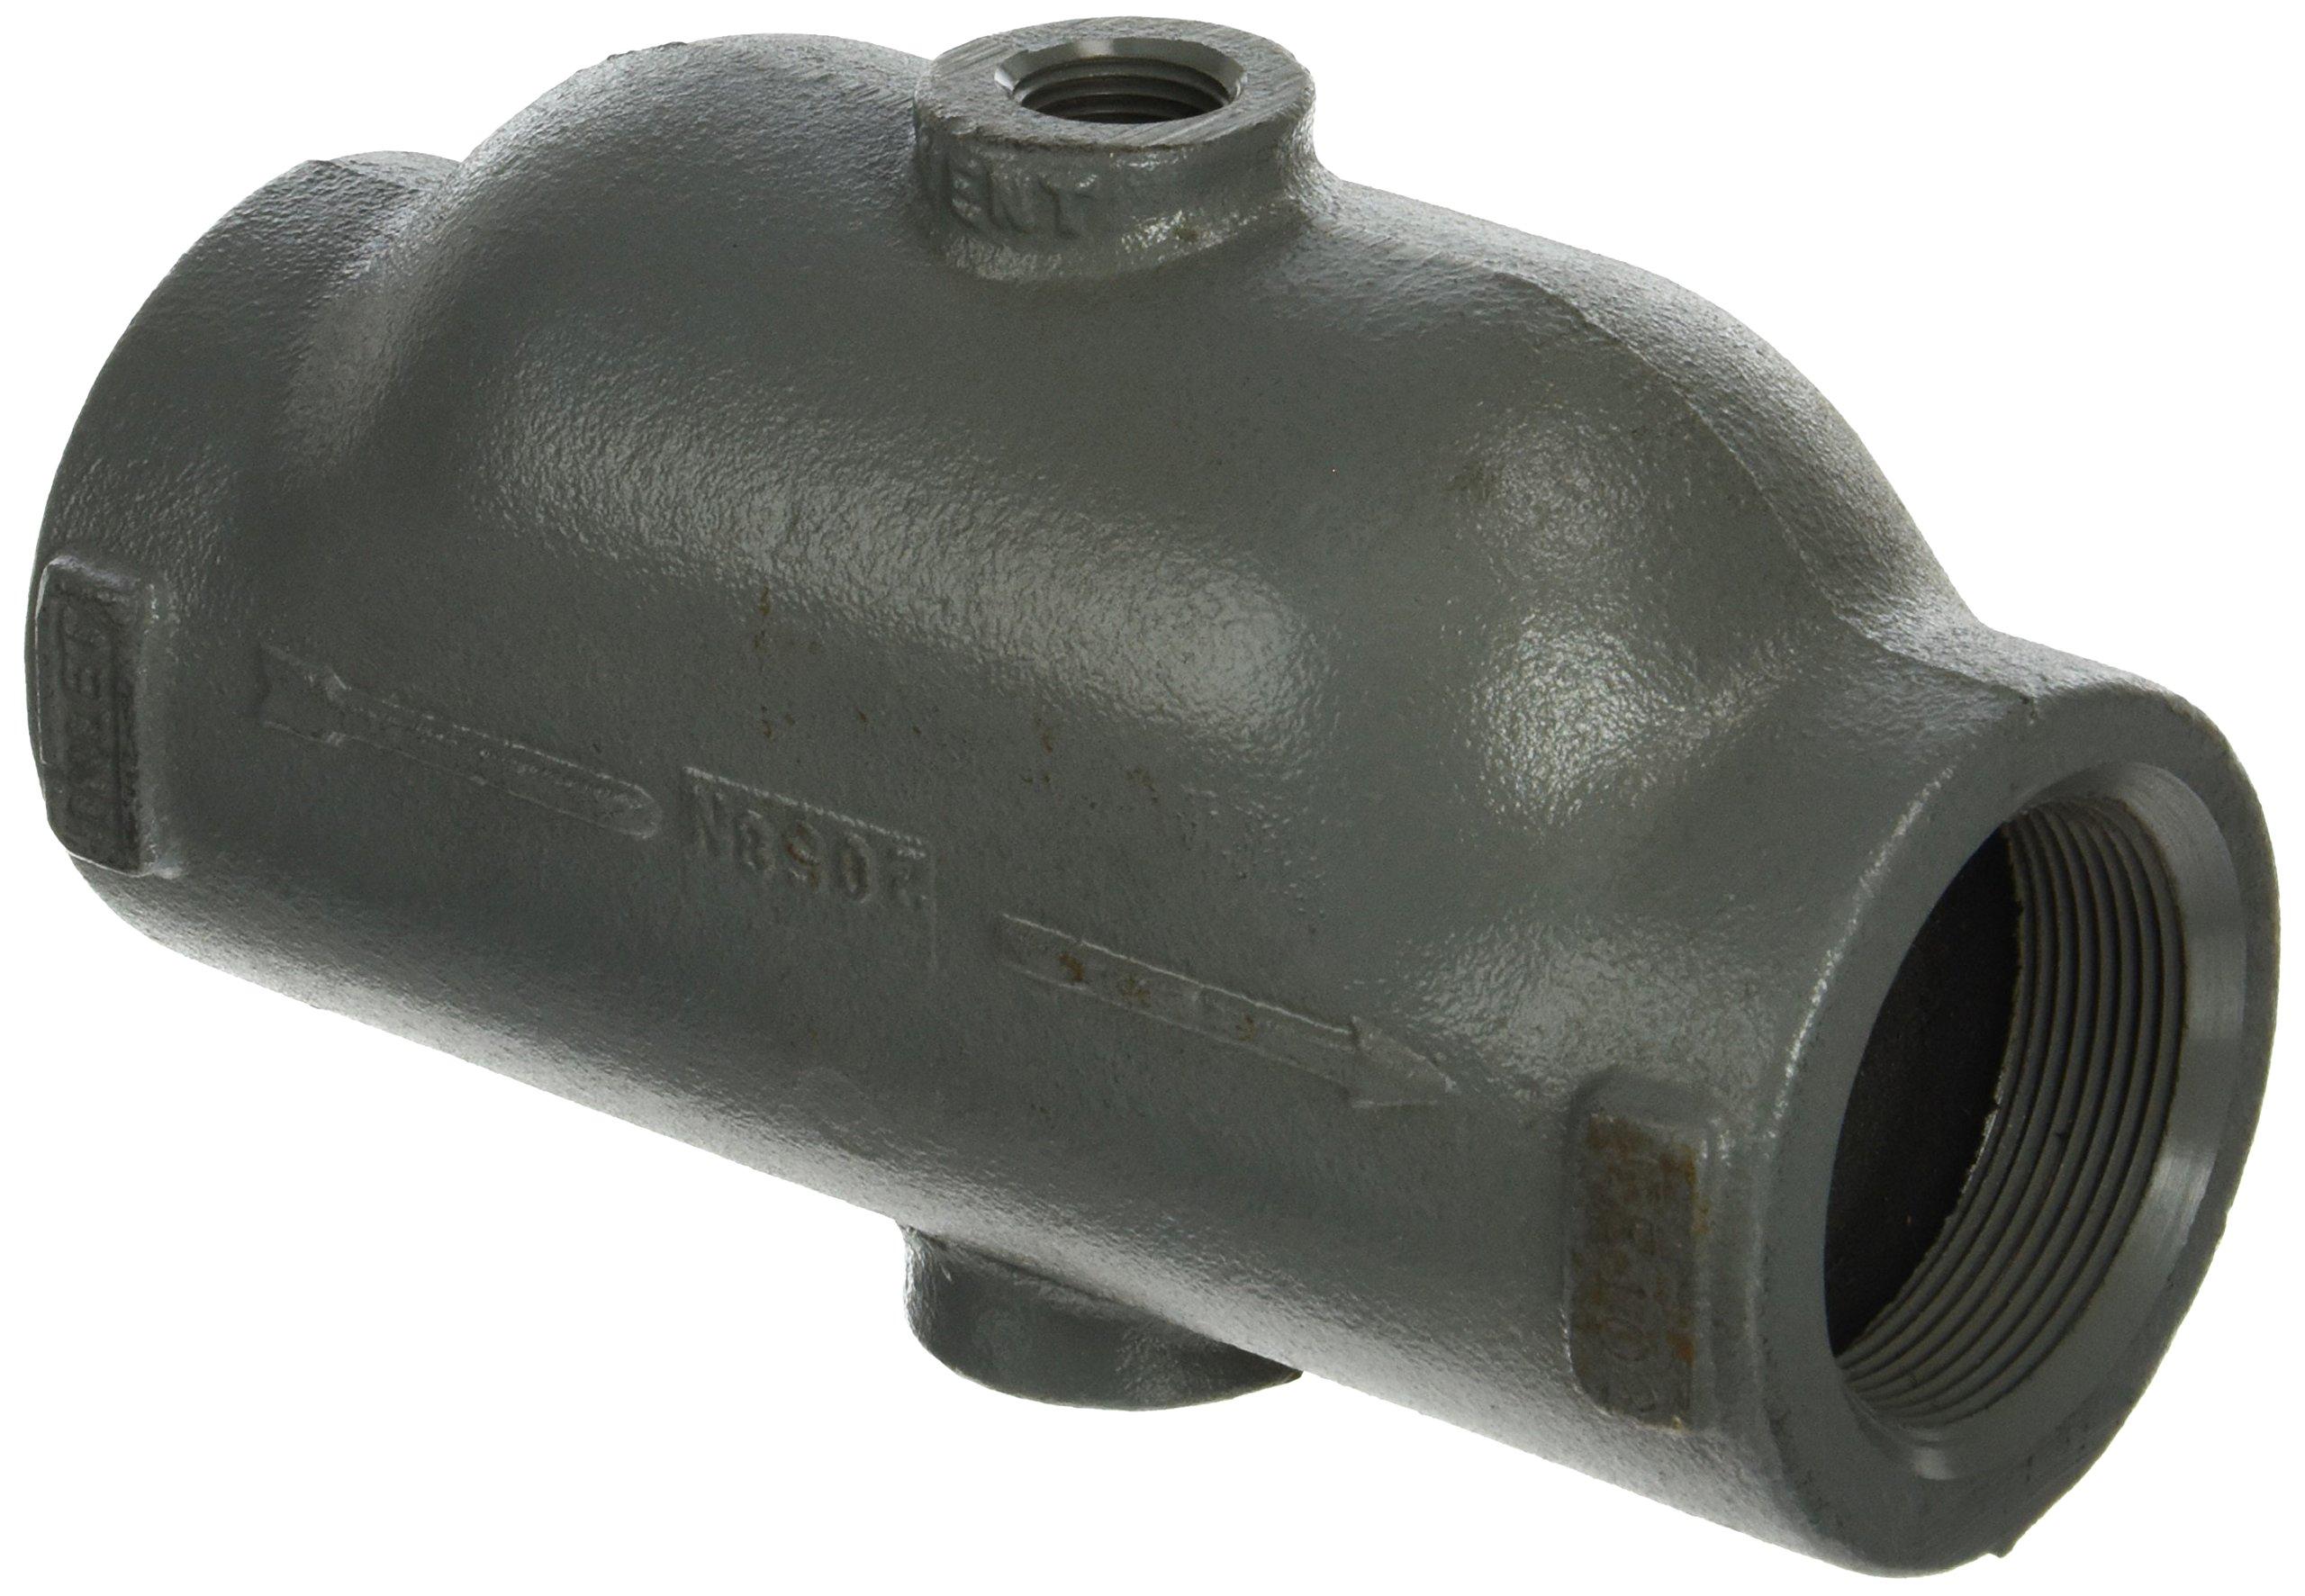 Taco 24086 Cast Iron Air Scoop